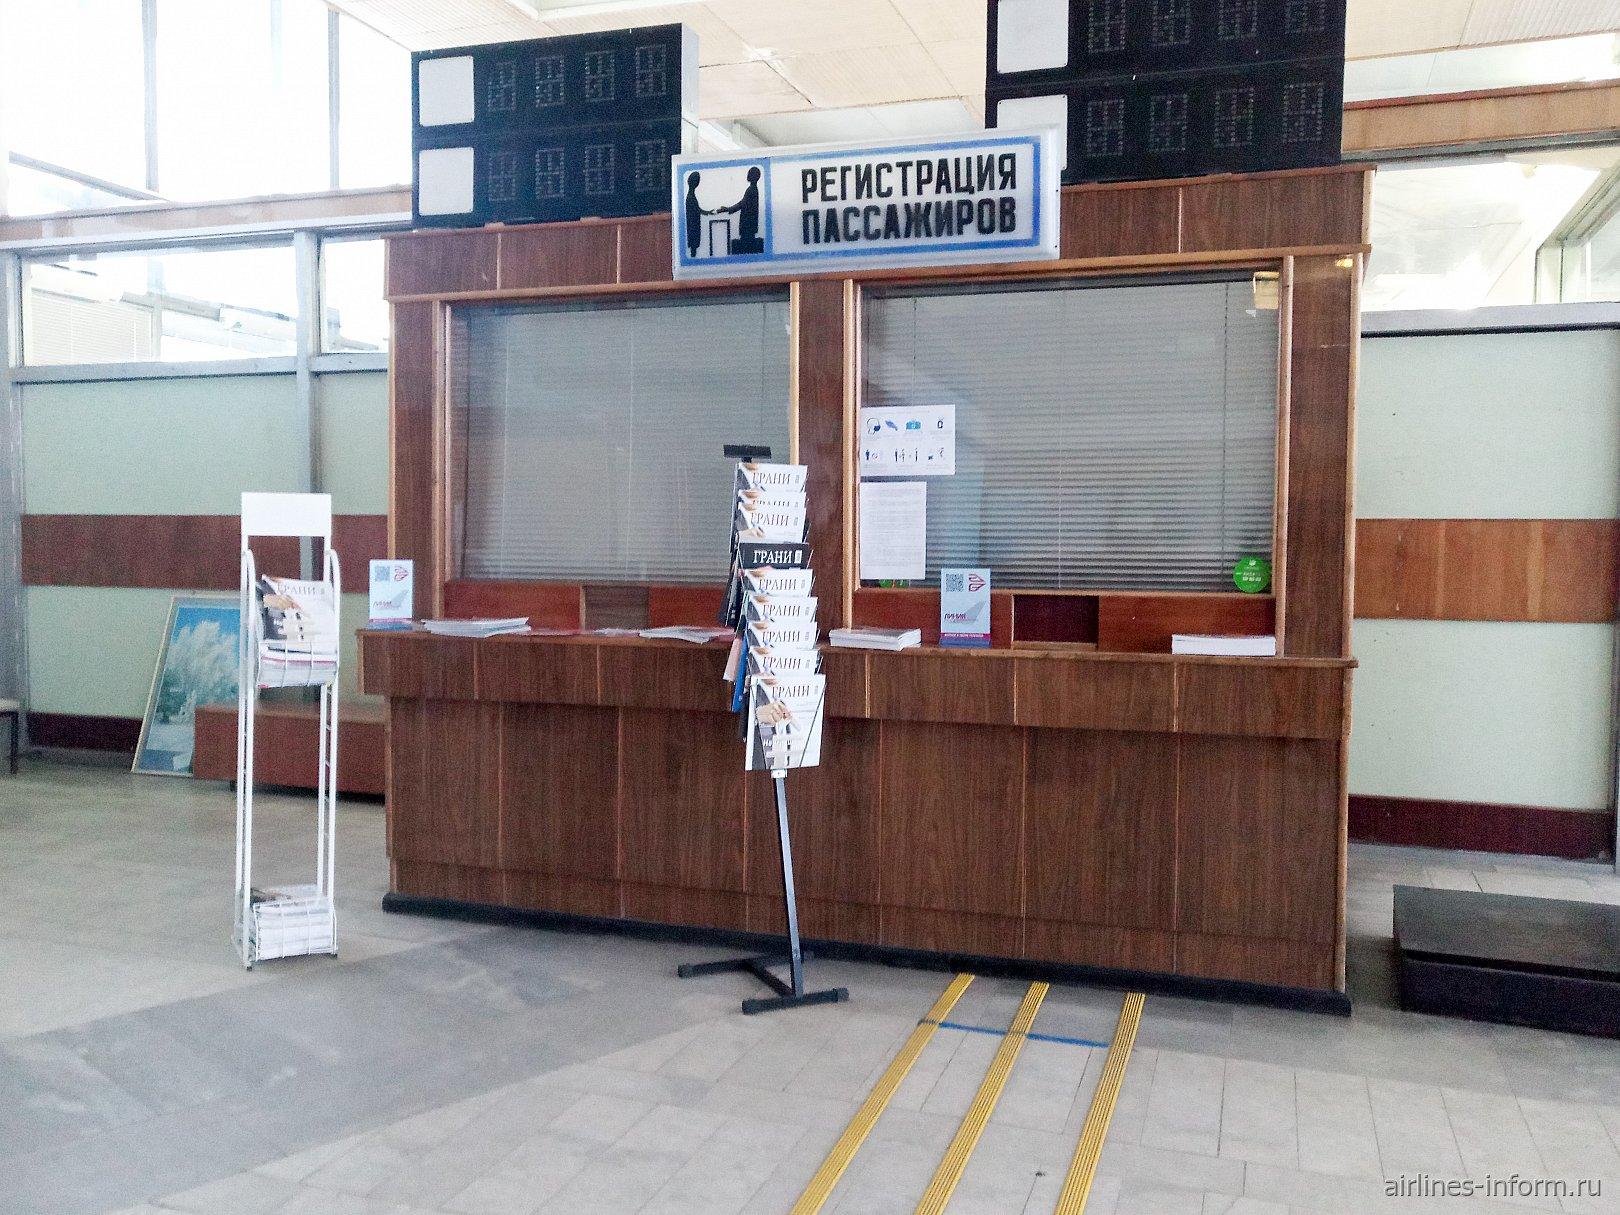 Стойка регистрации пассажиров в аэропорту Вологды